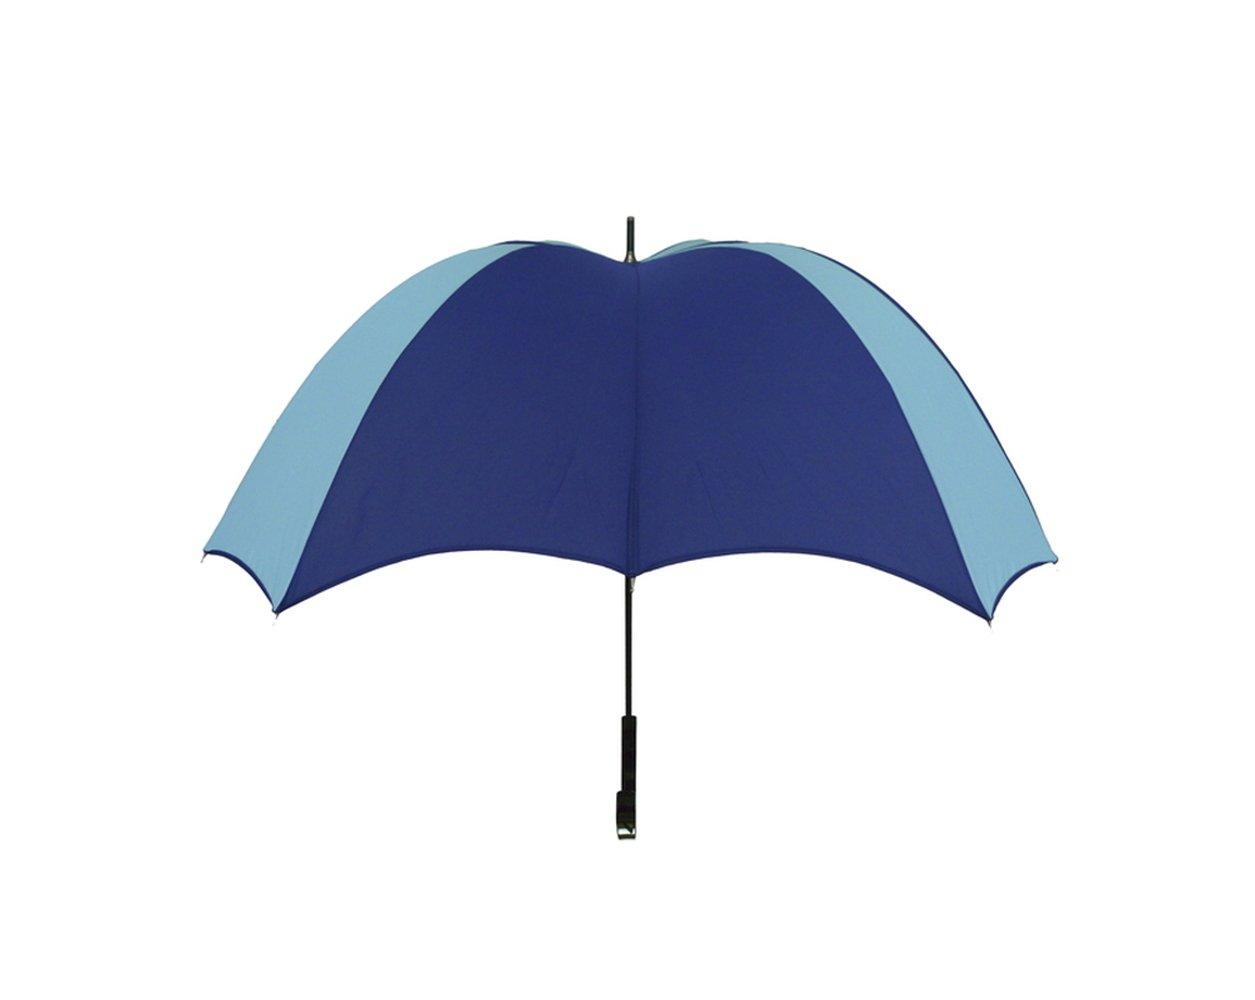 【正規輸入品】 ディチェザレ デザイン クロス ウォーカー カラーコンビ 全4色 長傘 手開き 日傘/晴雨兼用 ネイビー&ターコイズ 12本骨 52-64cm グラスファイバー骨 テフロン加工 B00T7RFYHQ ネイビー&ターコイズ ネイビー&ターコイズ